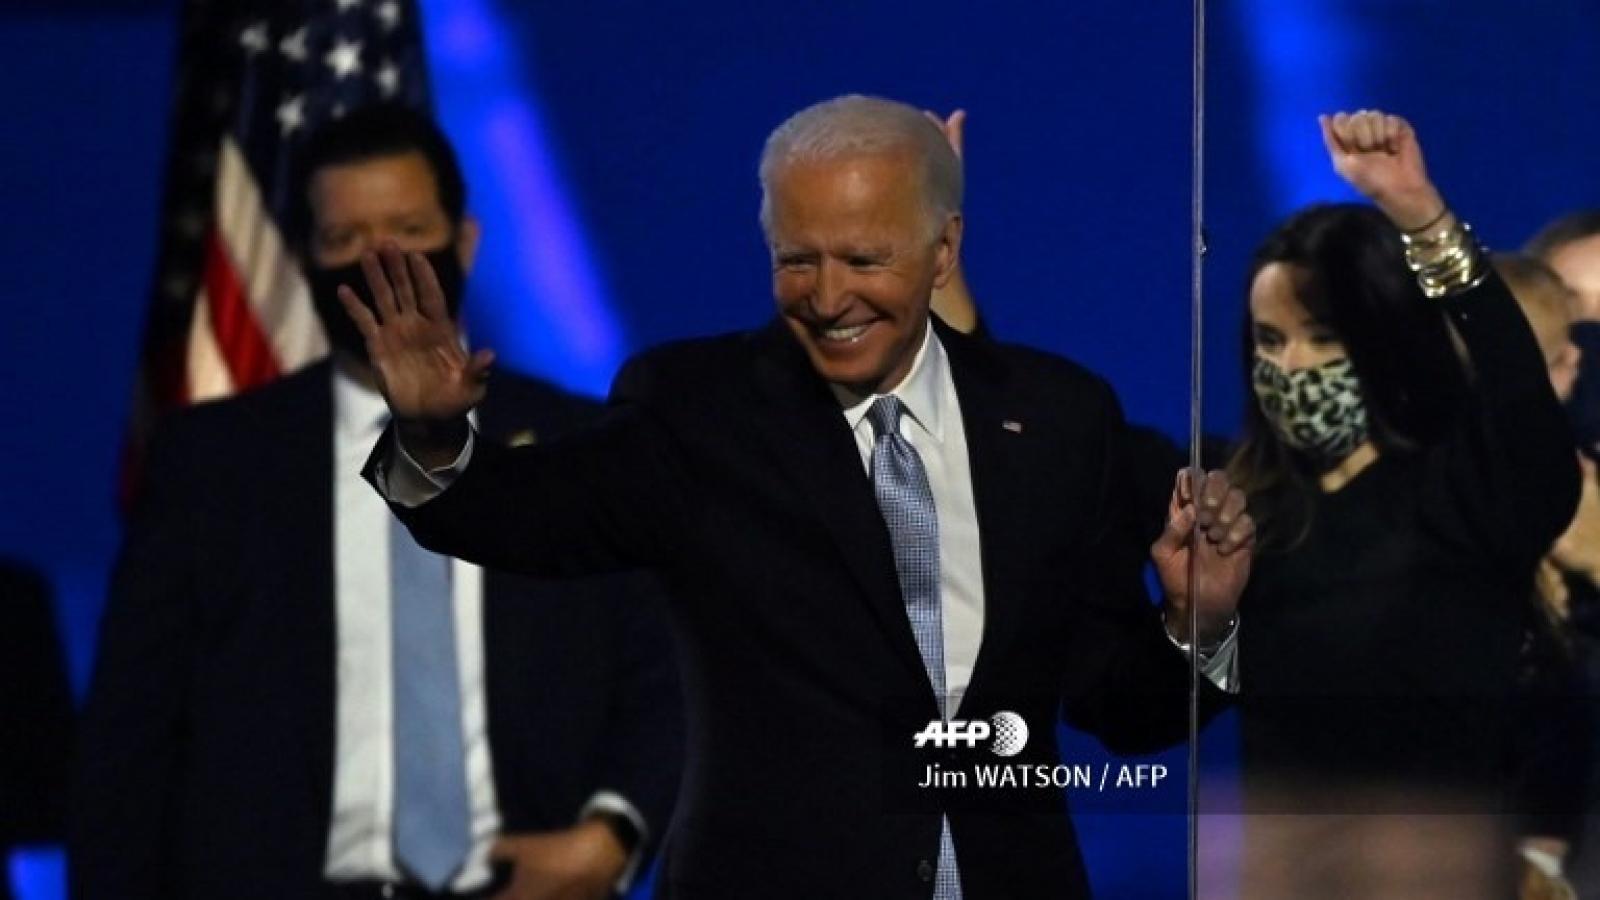 5 yếu tố giúp ông Biden đánh bại đối thủ Donald Trump trong cuộc bầu cử Mỹ